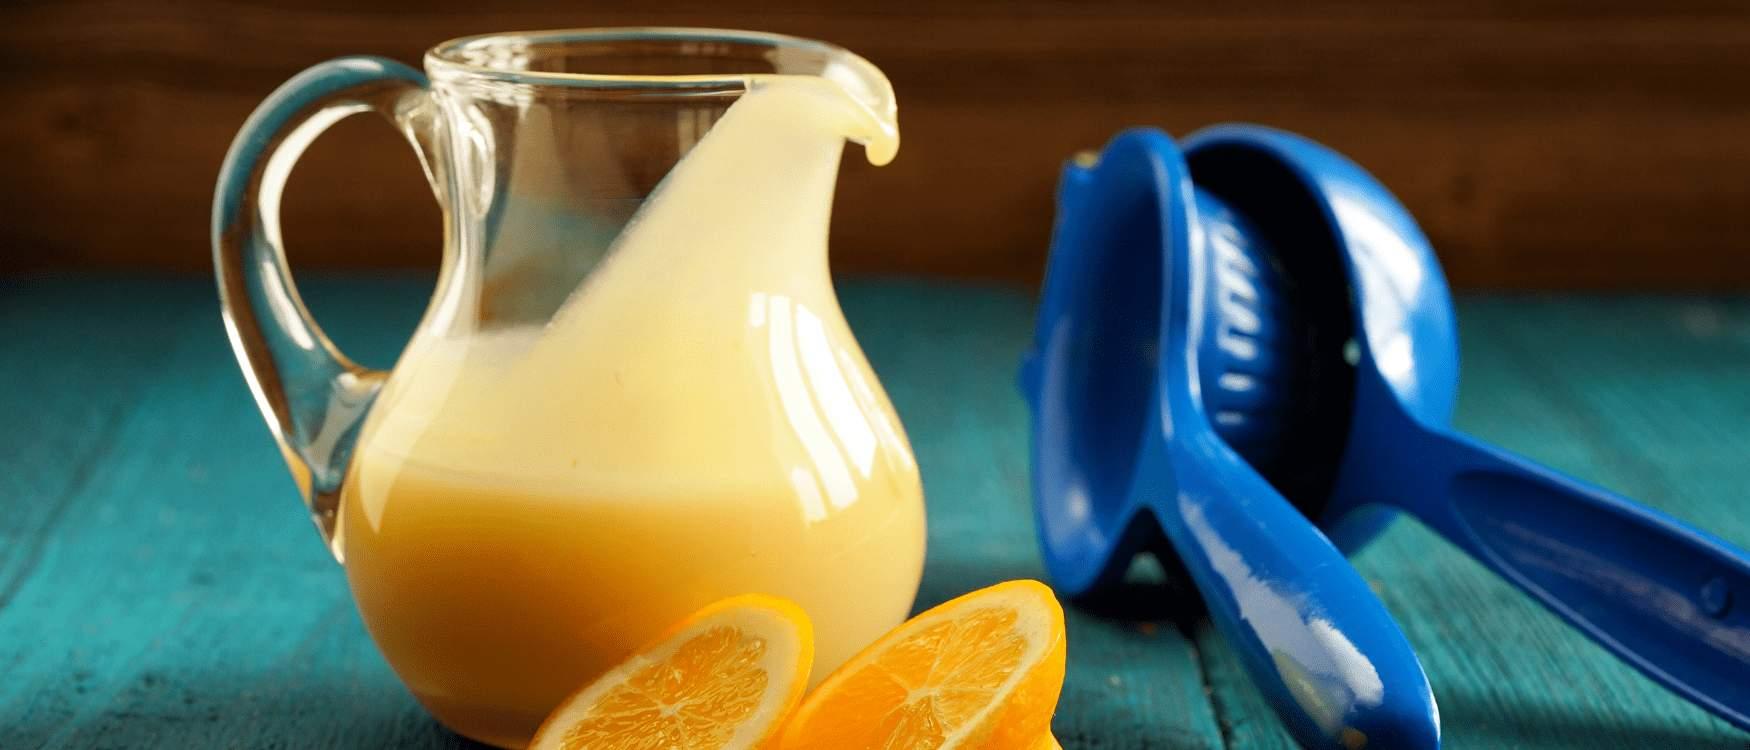 Lemon Custard recipe